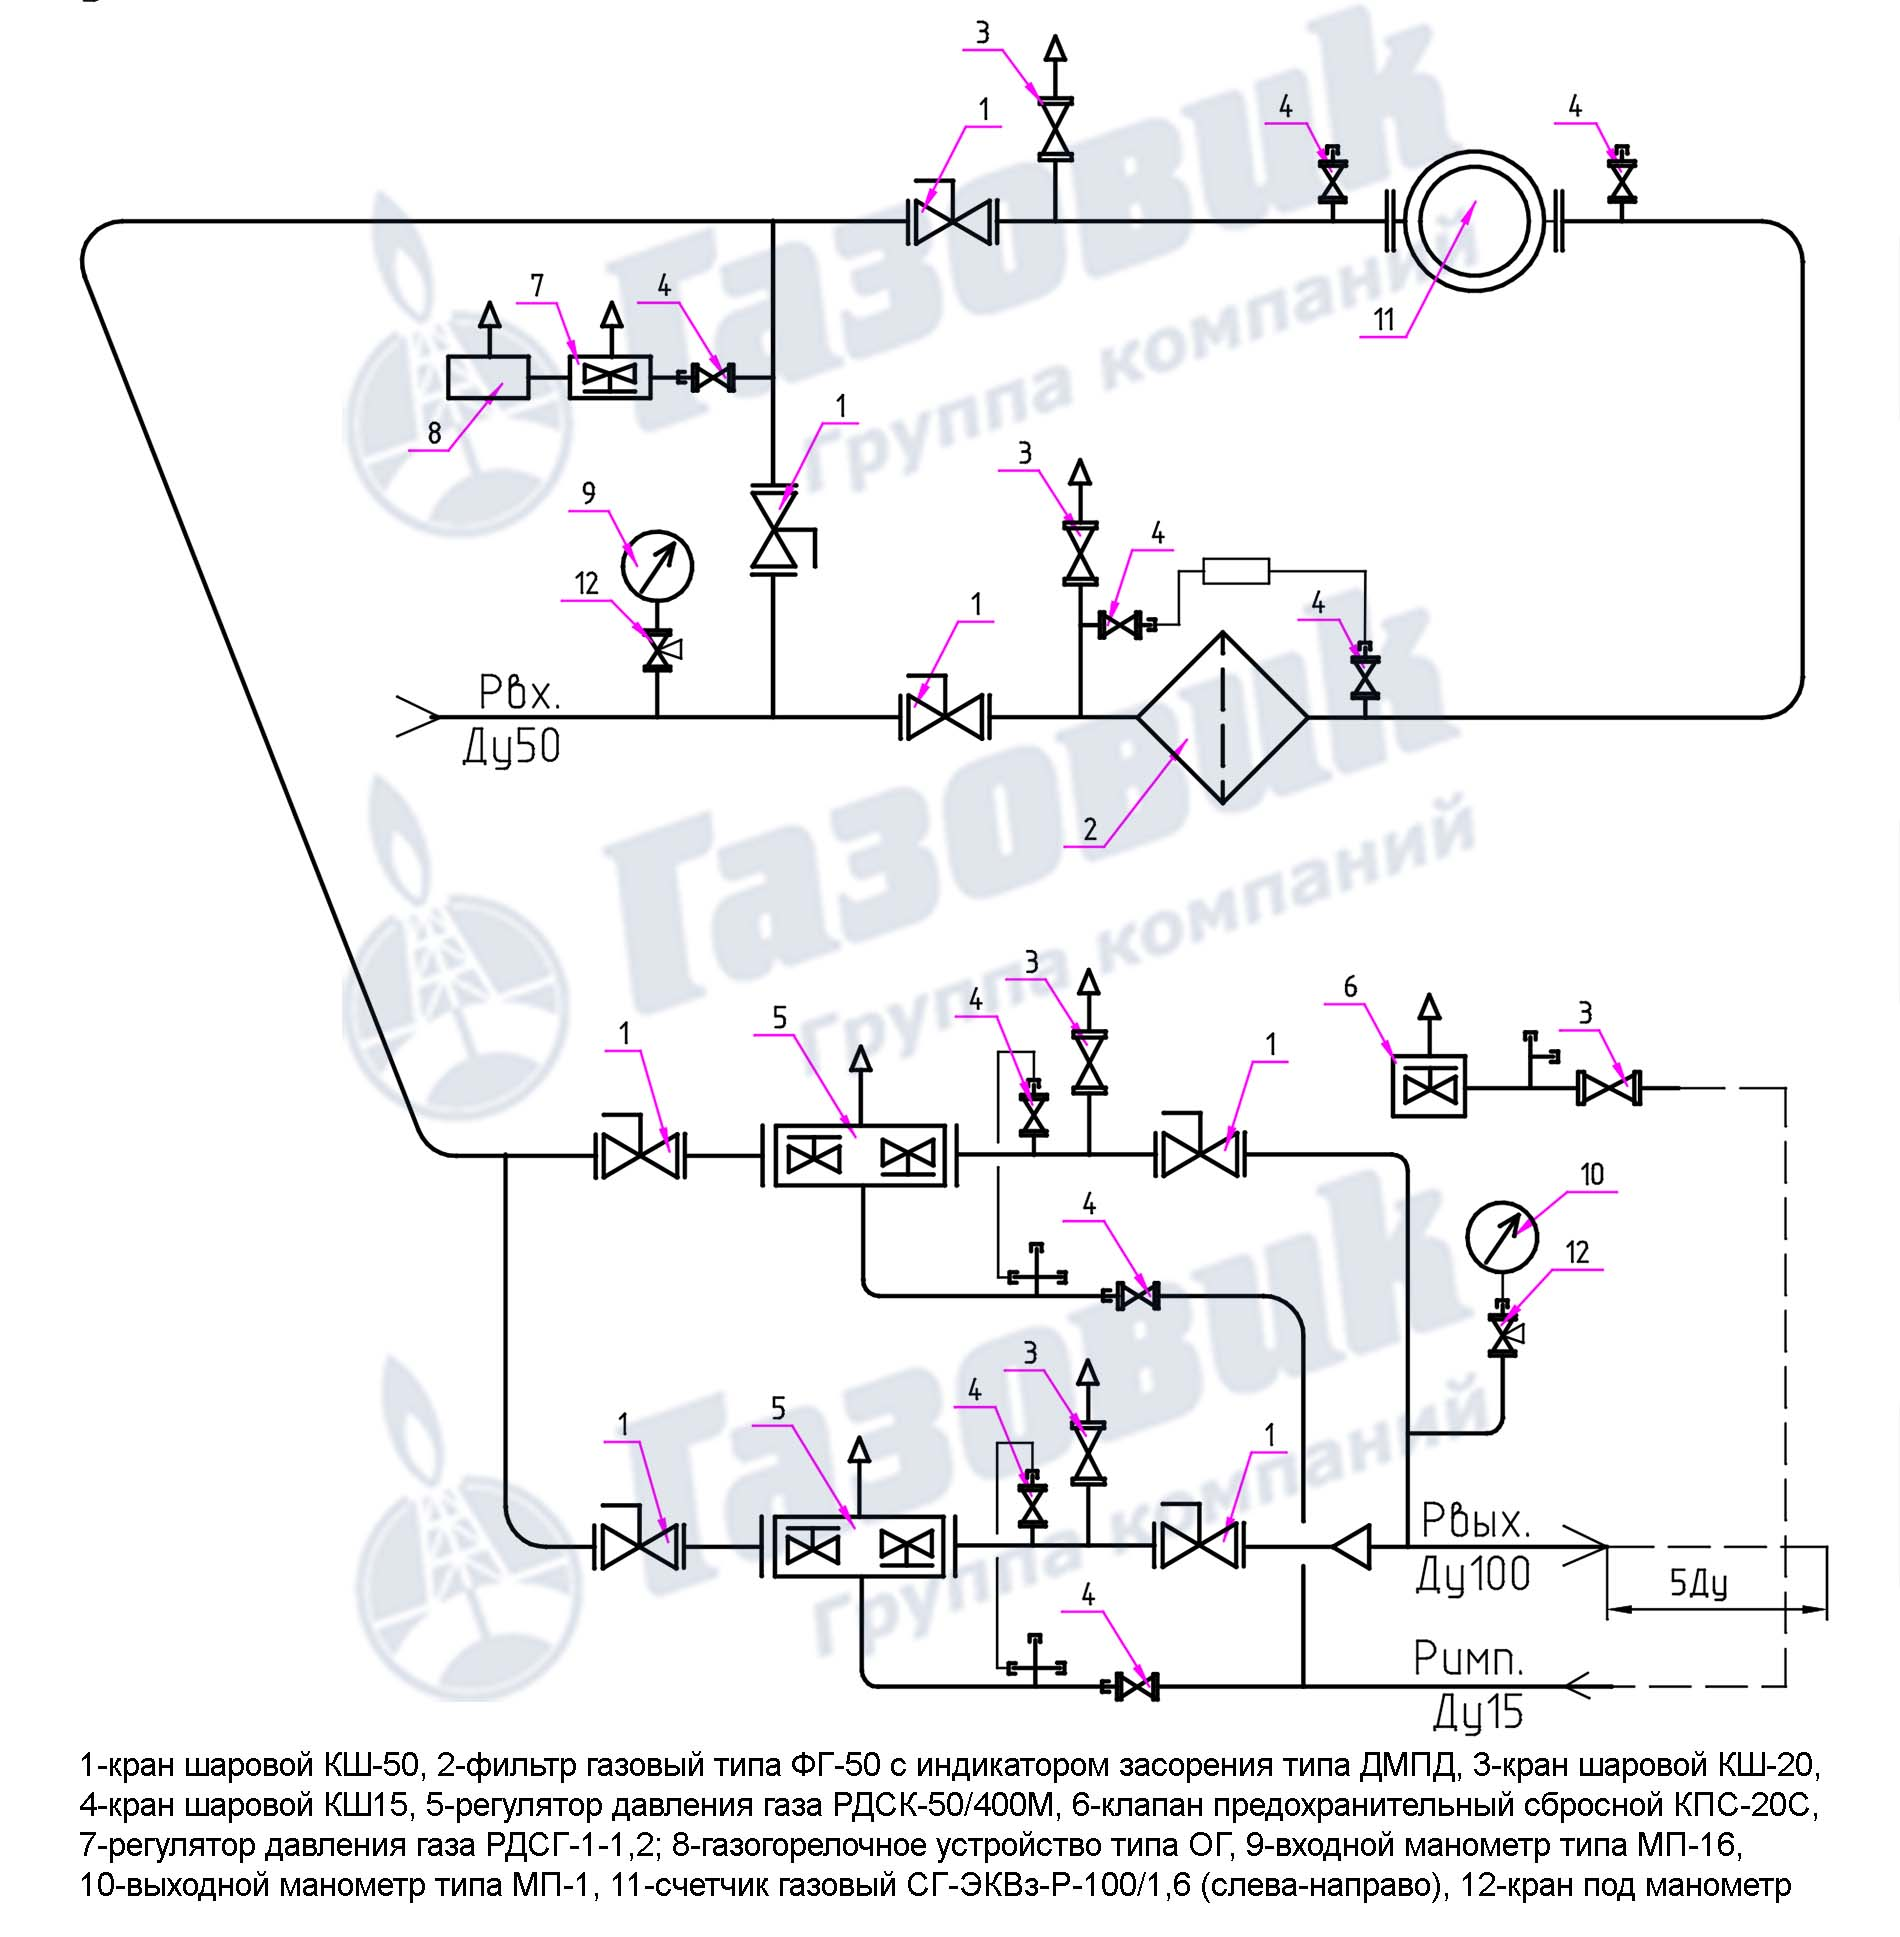 грпш 05-2у1 с регулятором рднк 400м схема